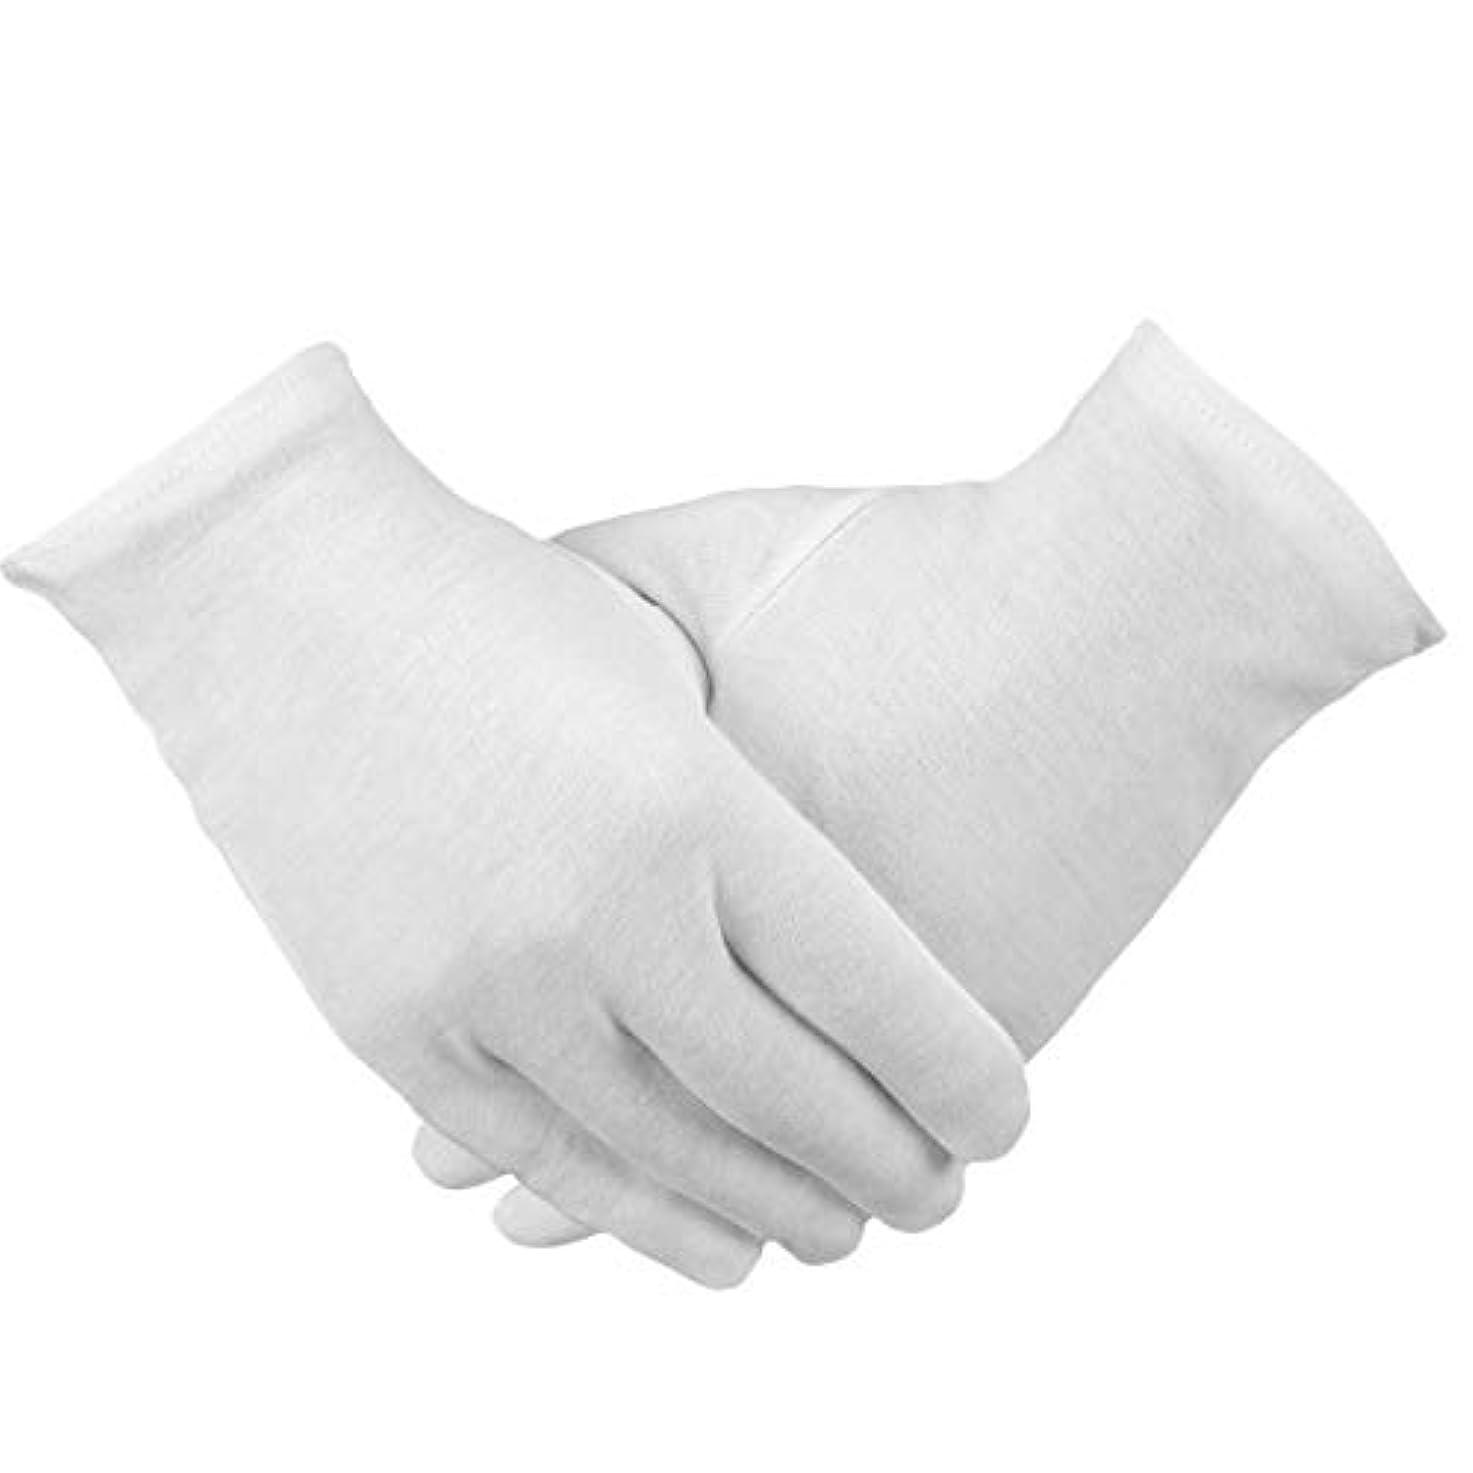 においしなやか注釈を付けるPAMASE 12ペア 手荒れ対策 コットン手袋 綿手袋 純綿 ハンドケア 白手袋 お休み 乾燥肌用 保湿用 家事用 礼装用 メンズ レディース 手袋